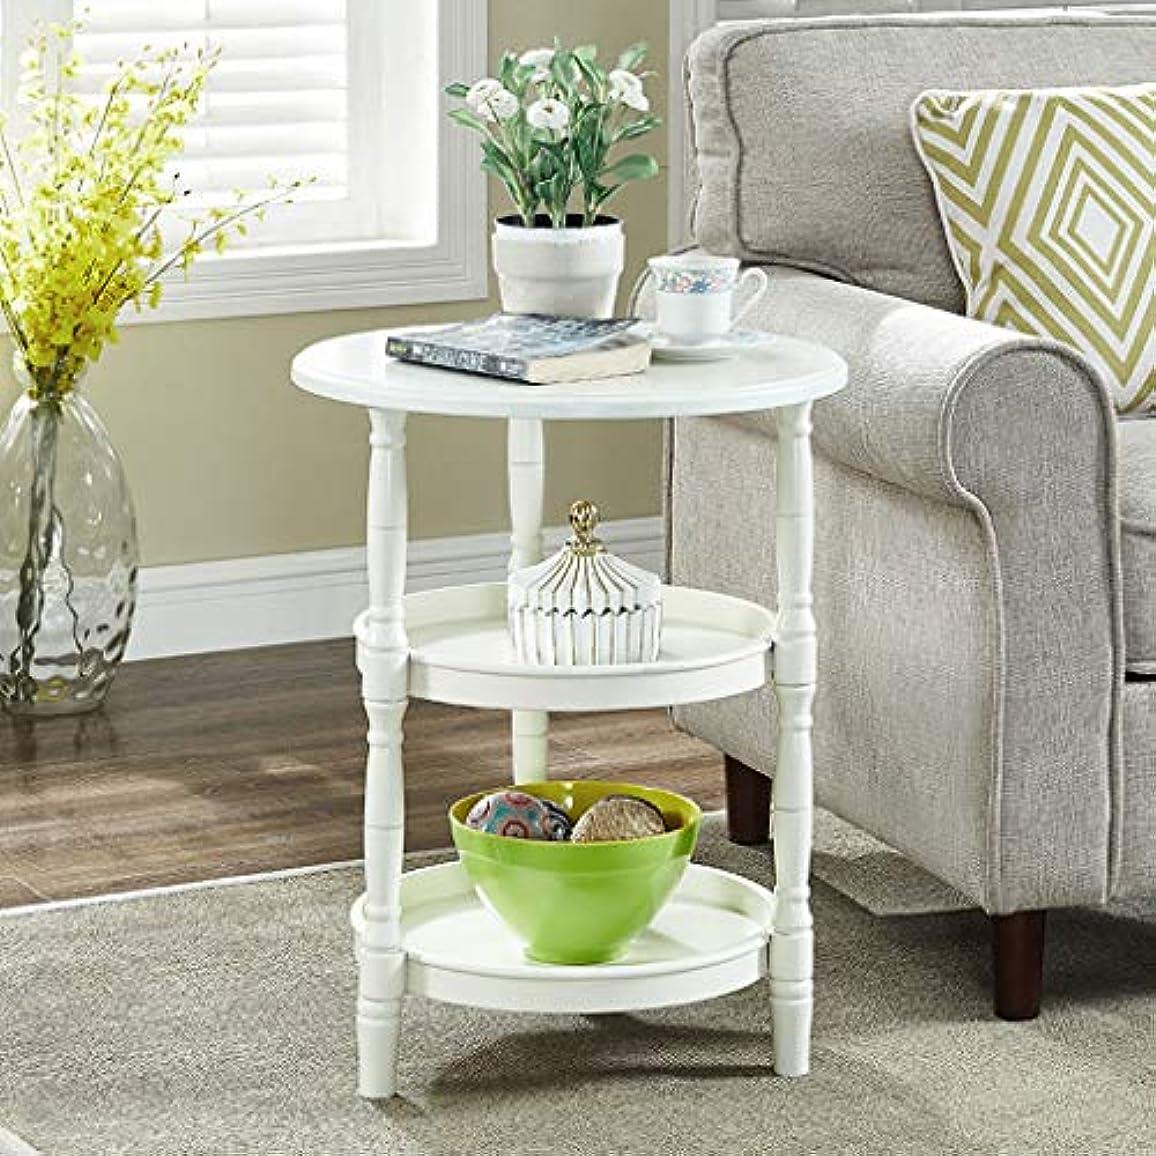 埋め込む忙しいケントHY テーブル3段収納ラウンドスモールコーヒーテーブルリビングルームソファサイドテーブル (色 : 白)